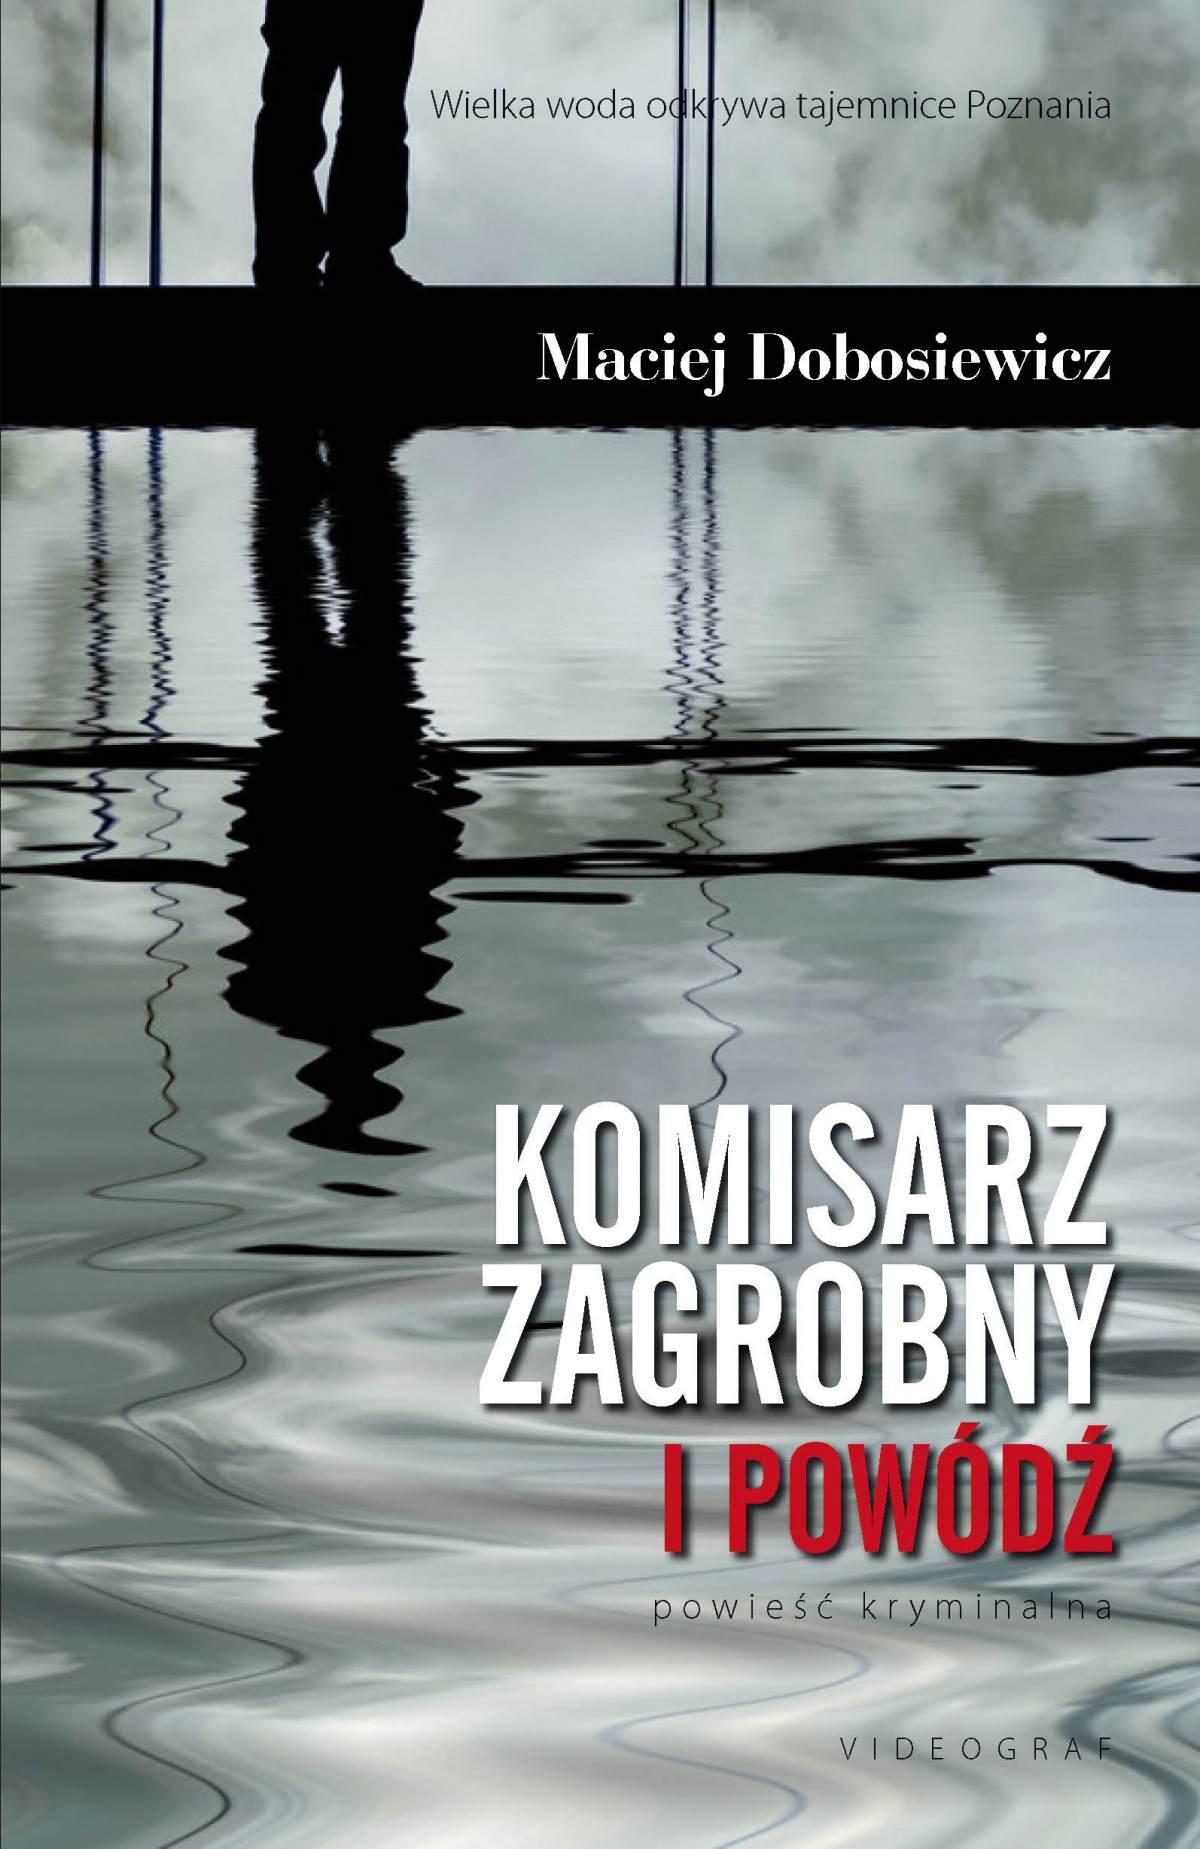 Komisarz Zagrobny i powódź - Ebook (Książka EPUB) do pobrania w formacie EPUB